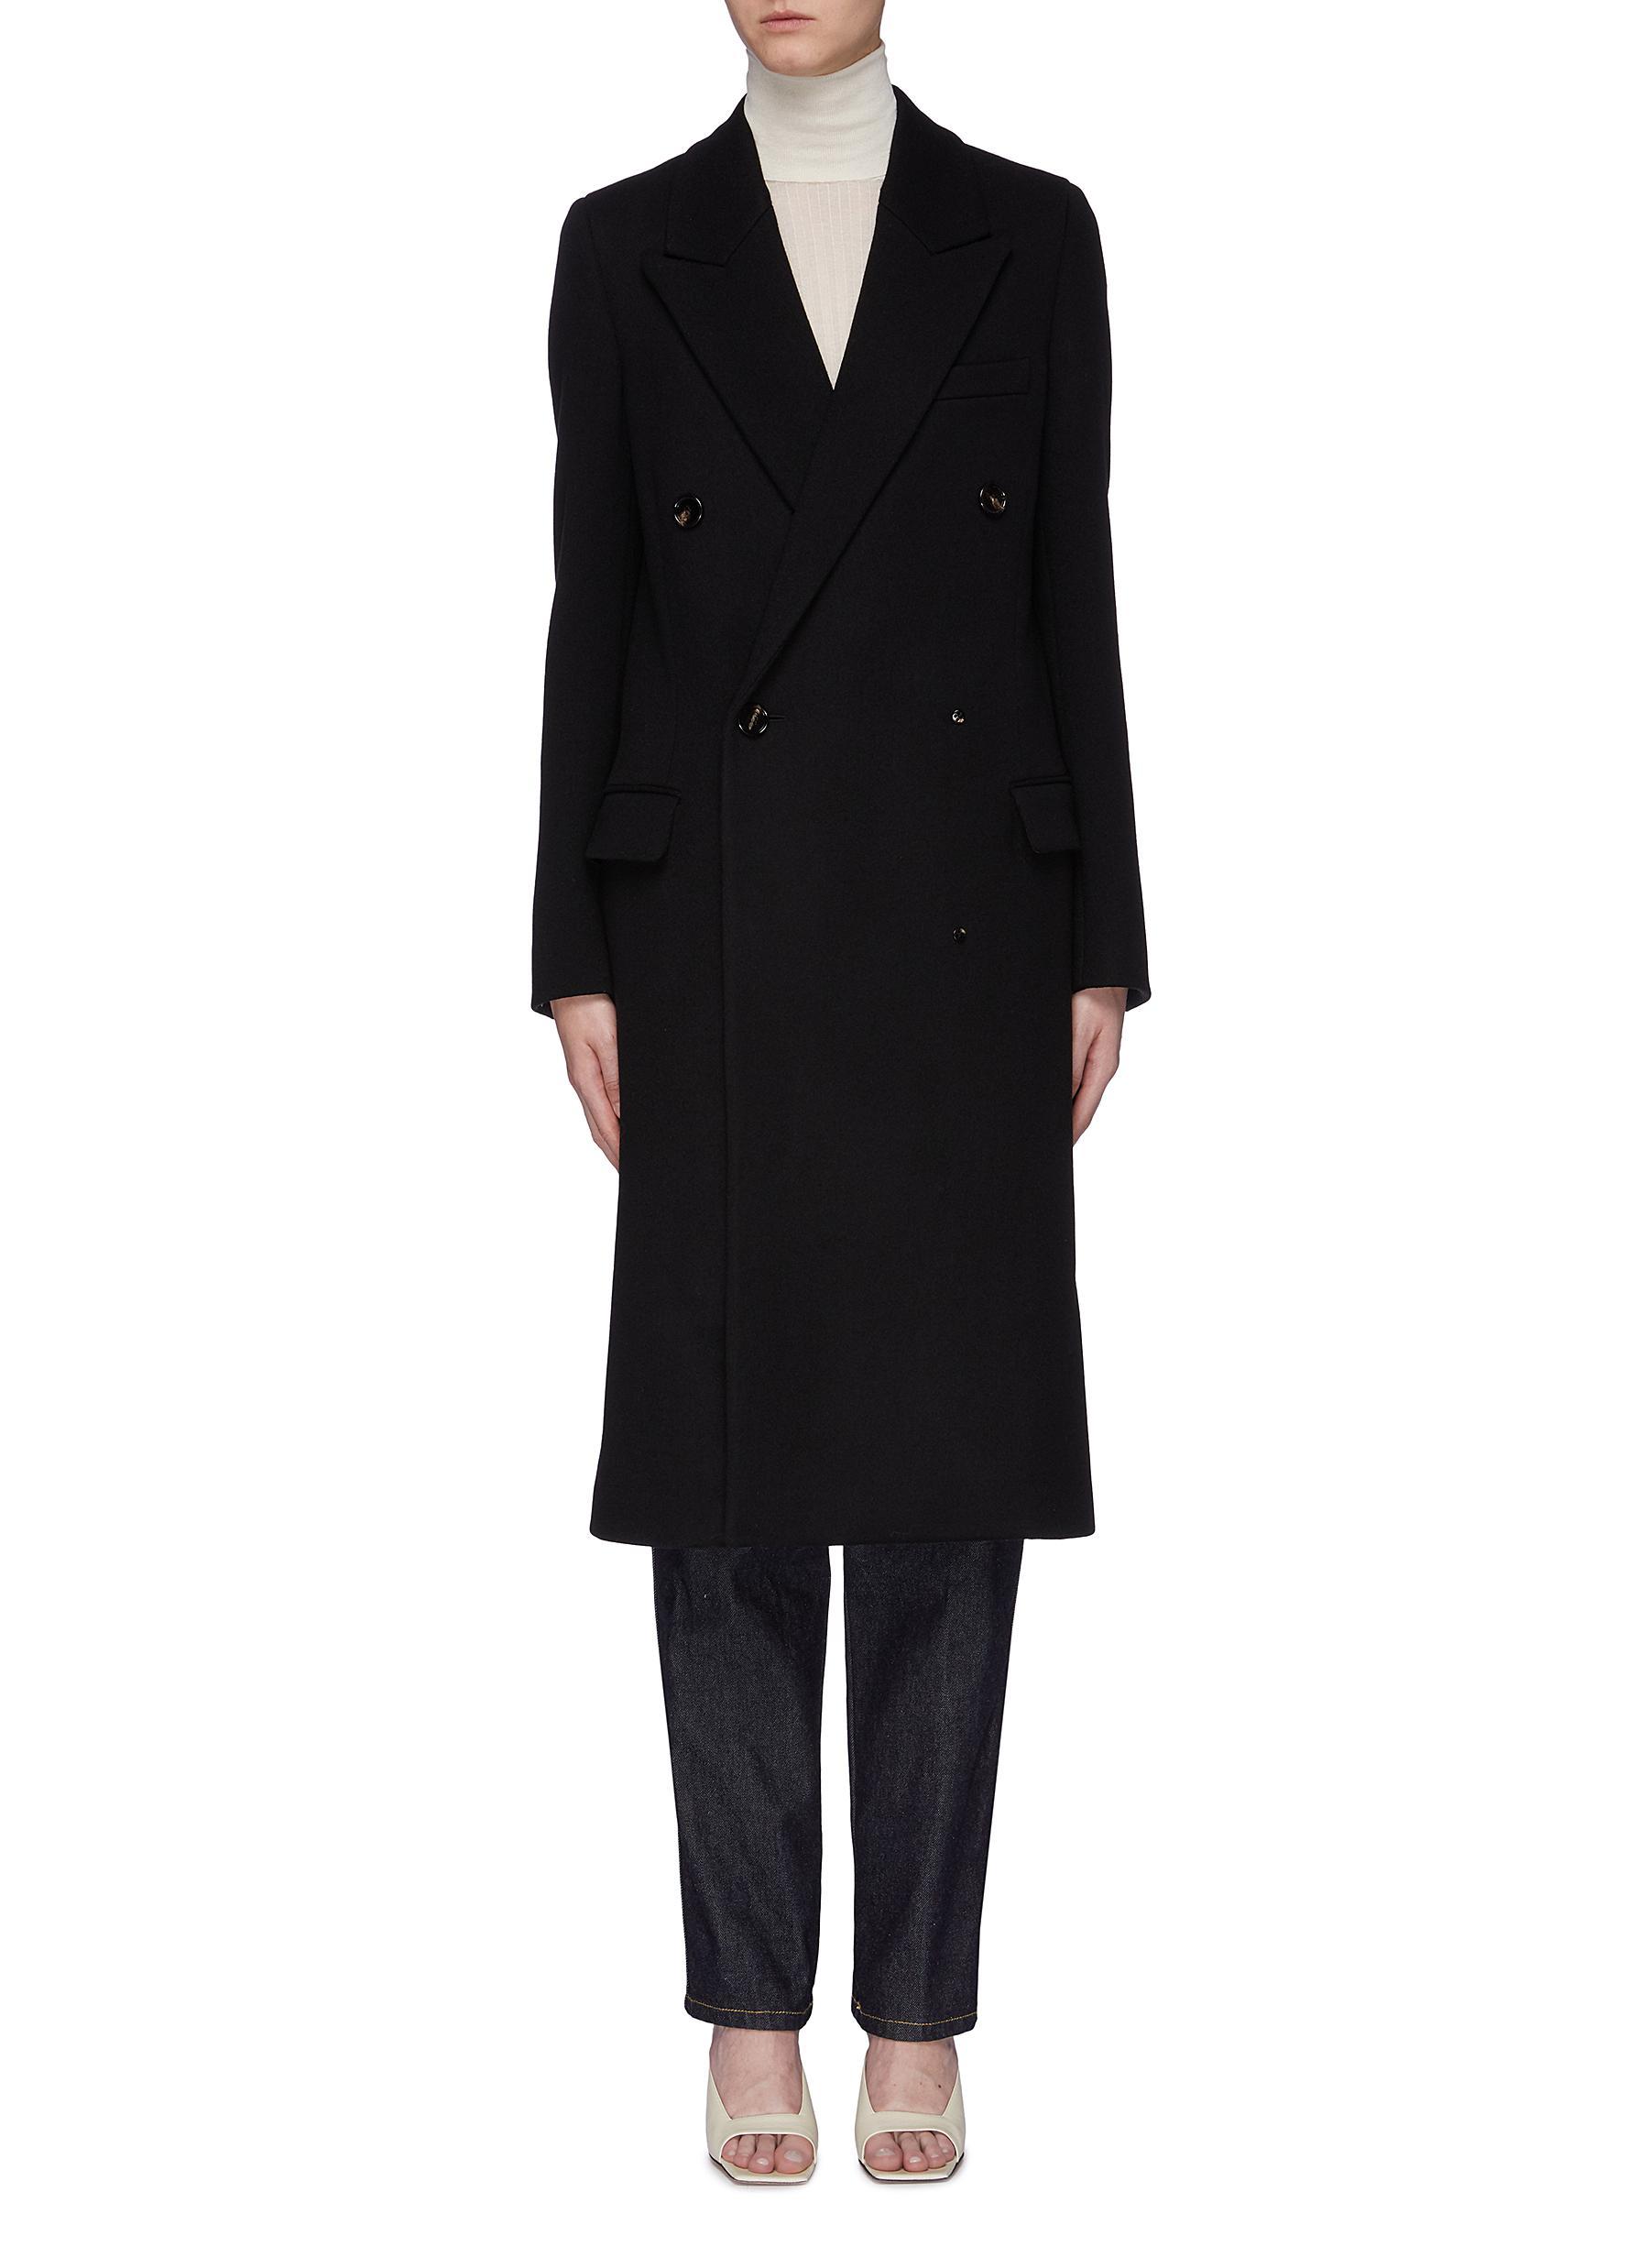 Belted back double breasted wool melton coat by Bottega Veneta